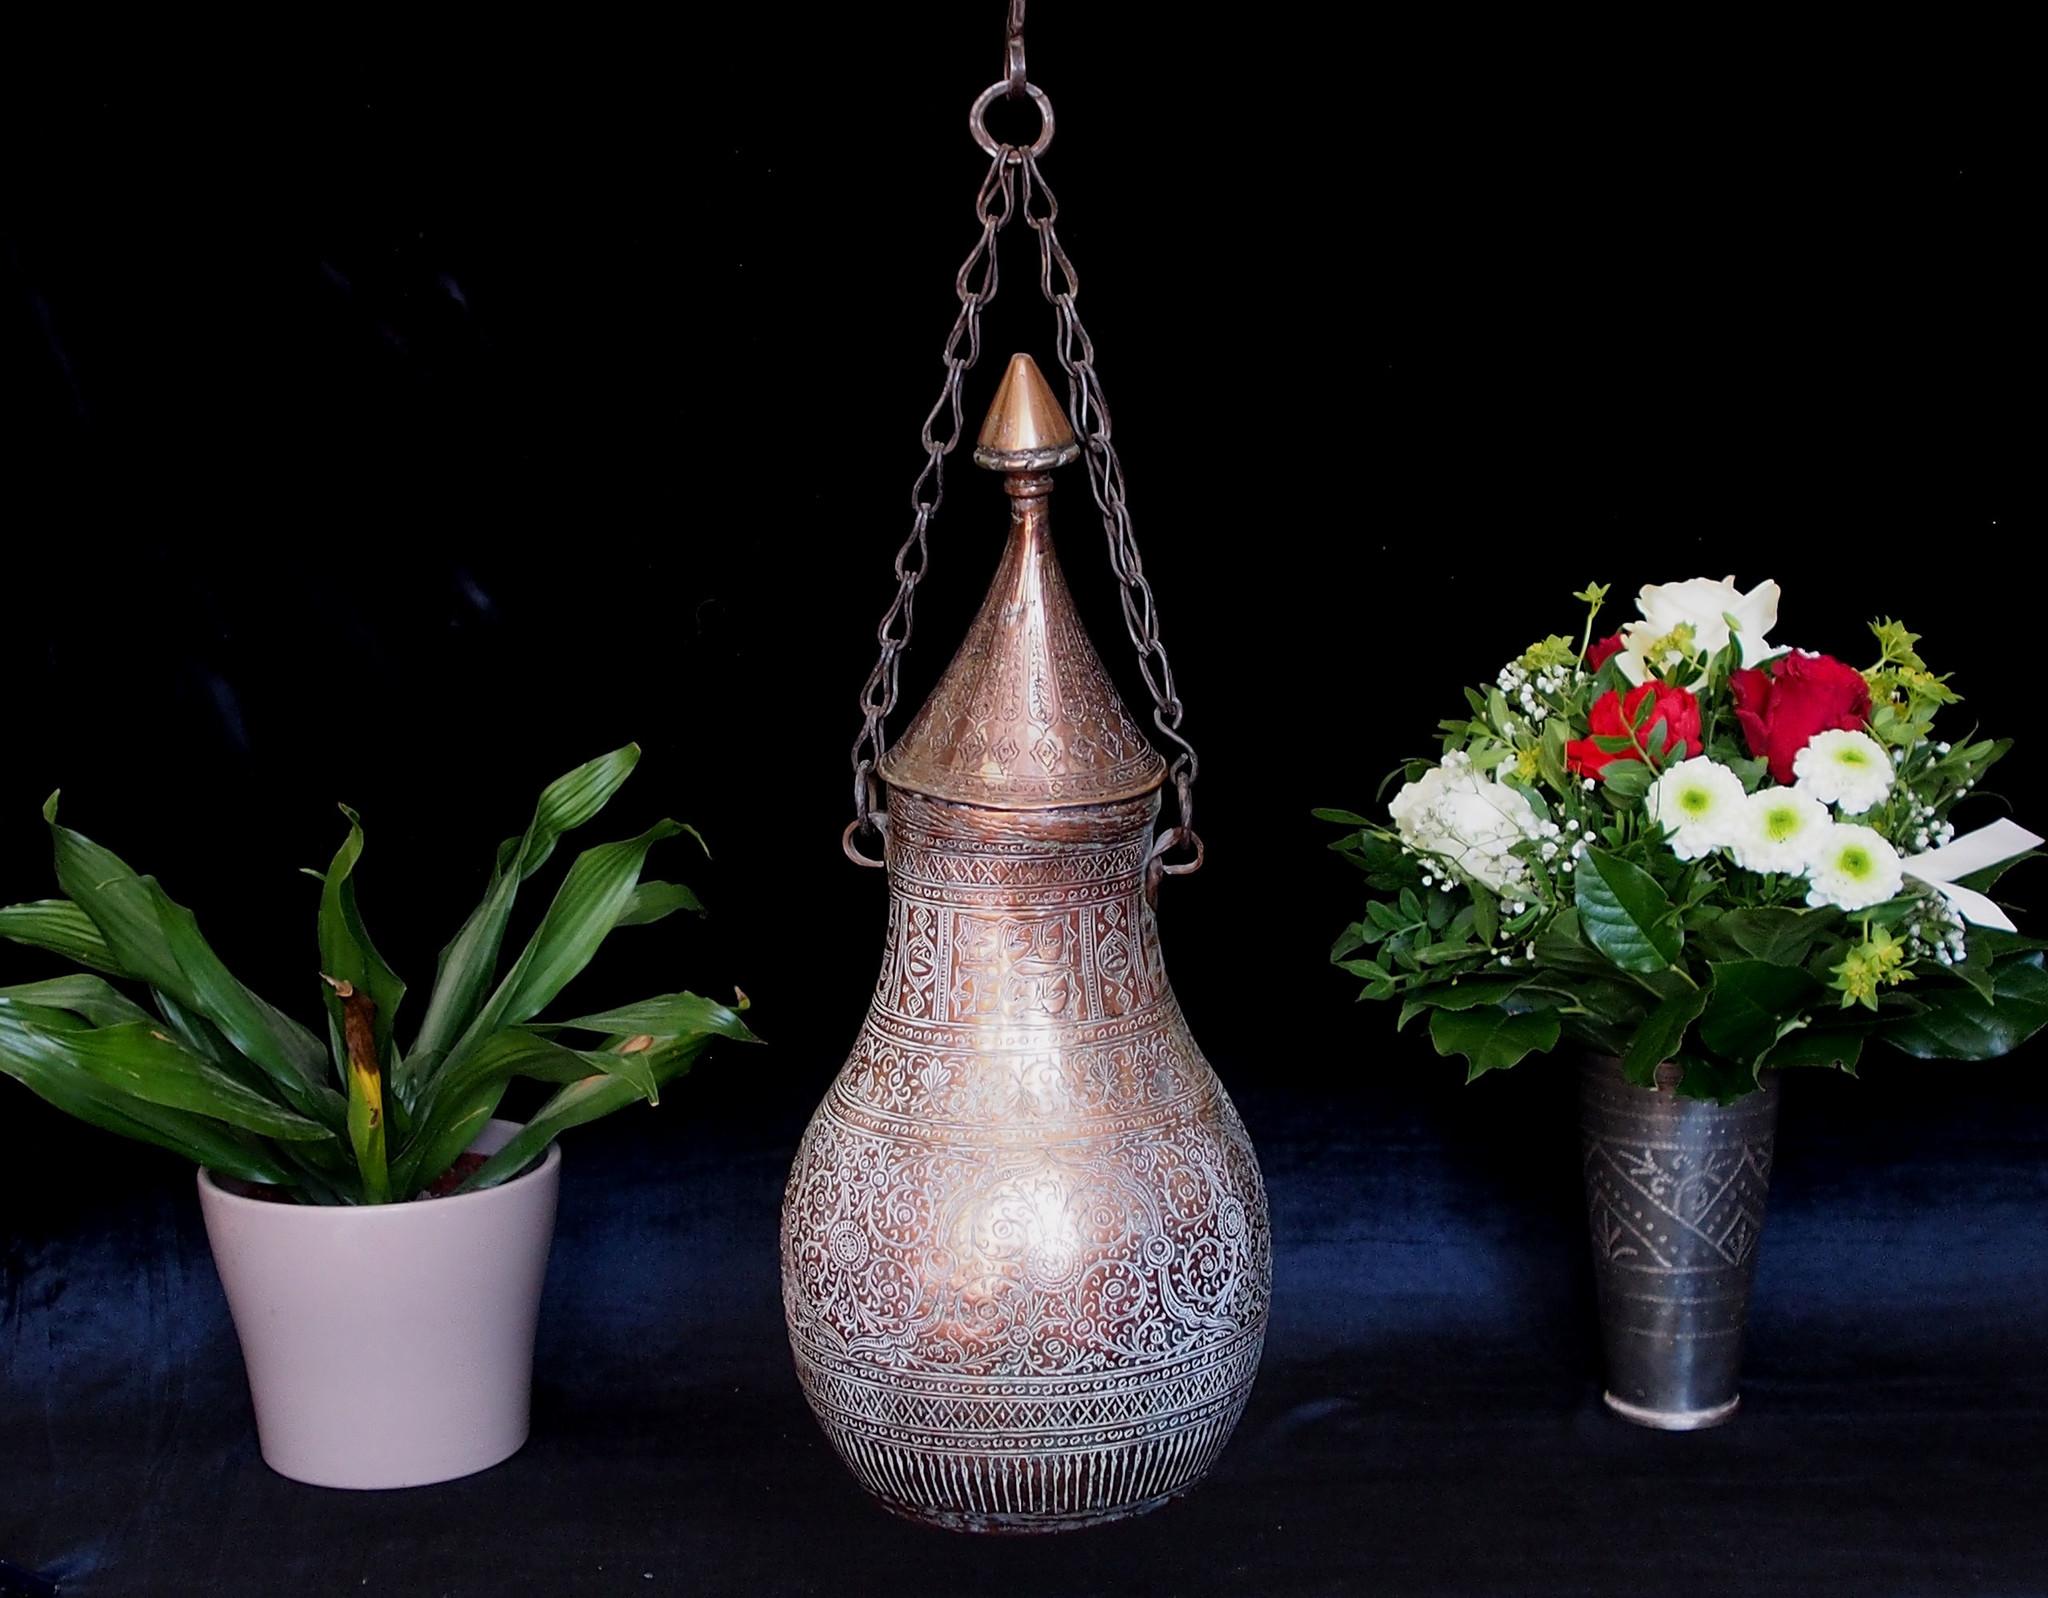 Antik osmanische Kupfer Wasserflasche gefäß